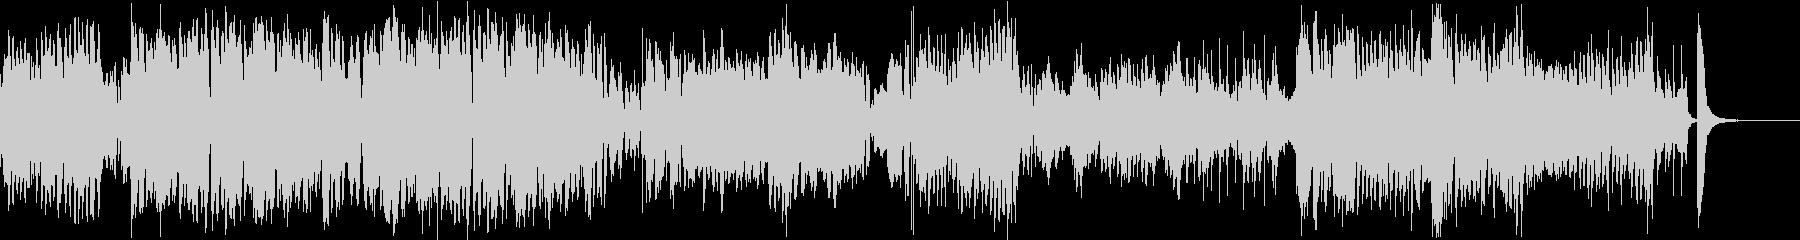 140秒のクリスマス用ビッグバンドジャズの未再生の波形